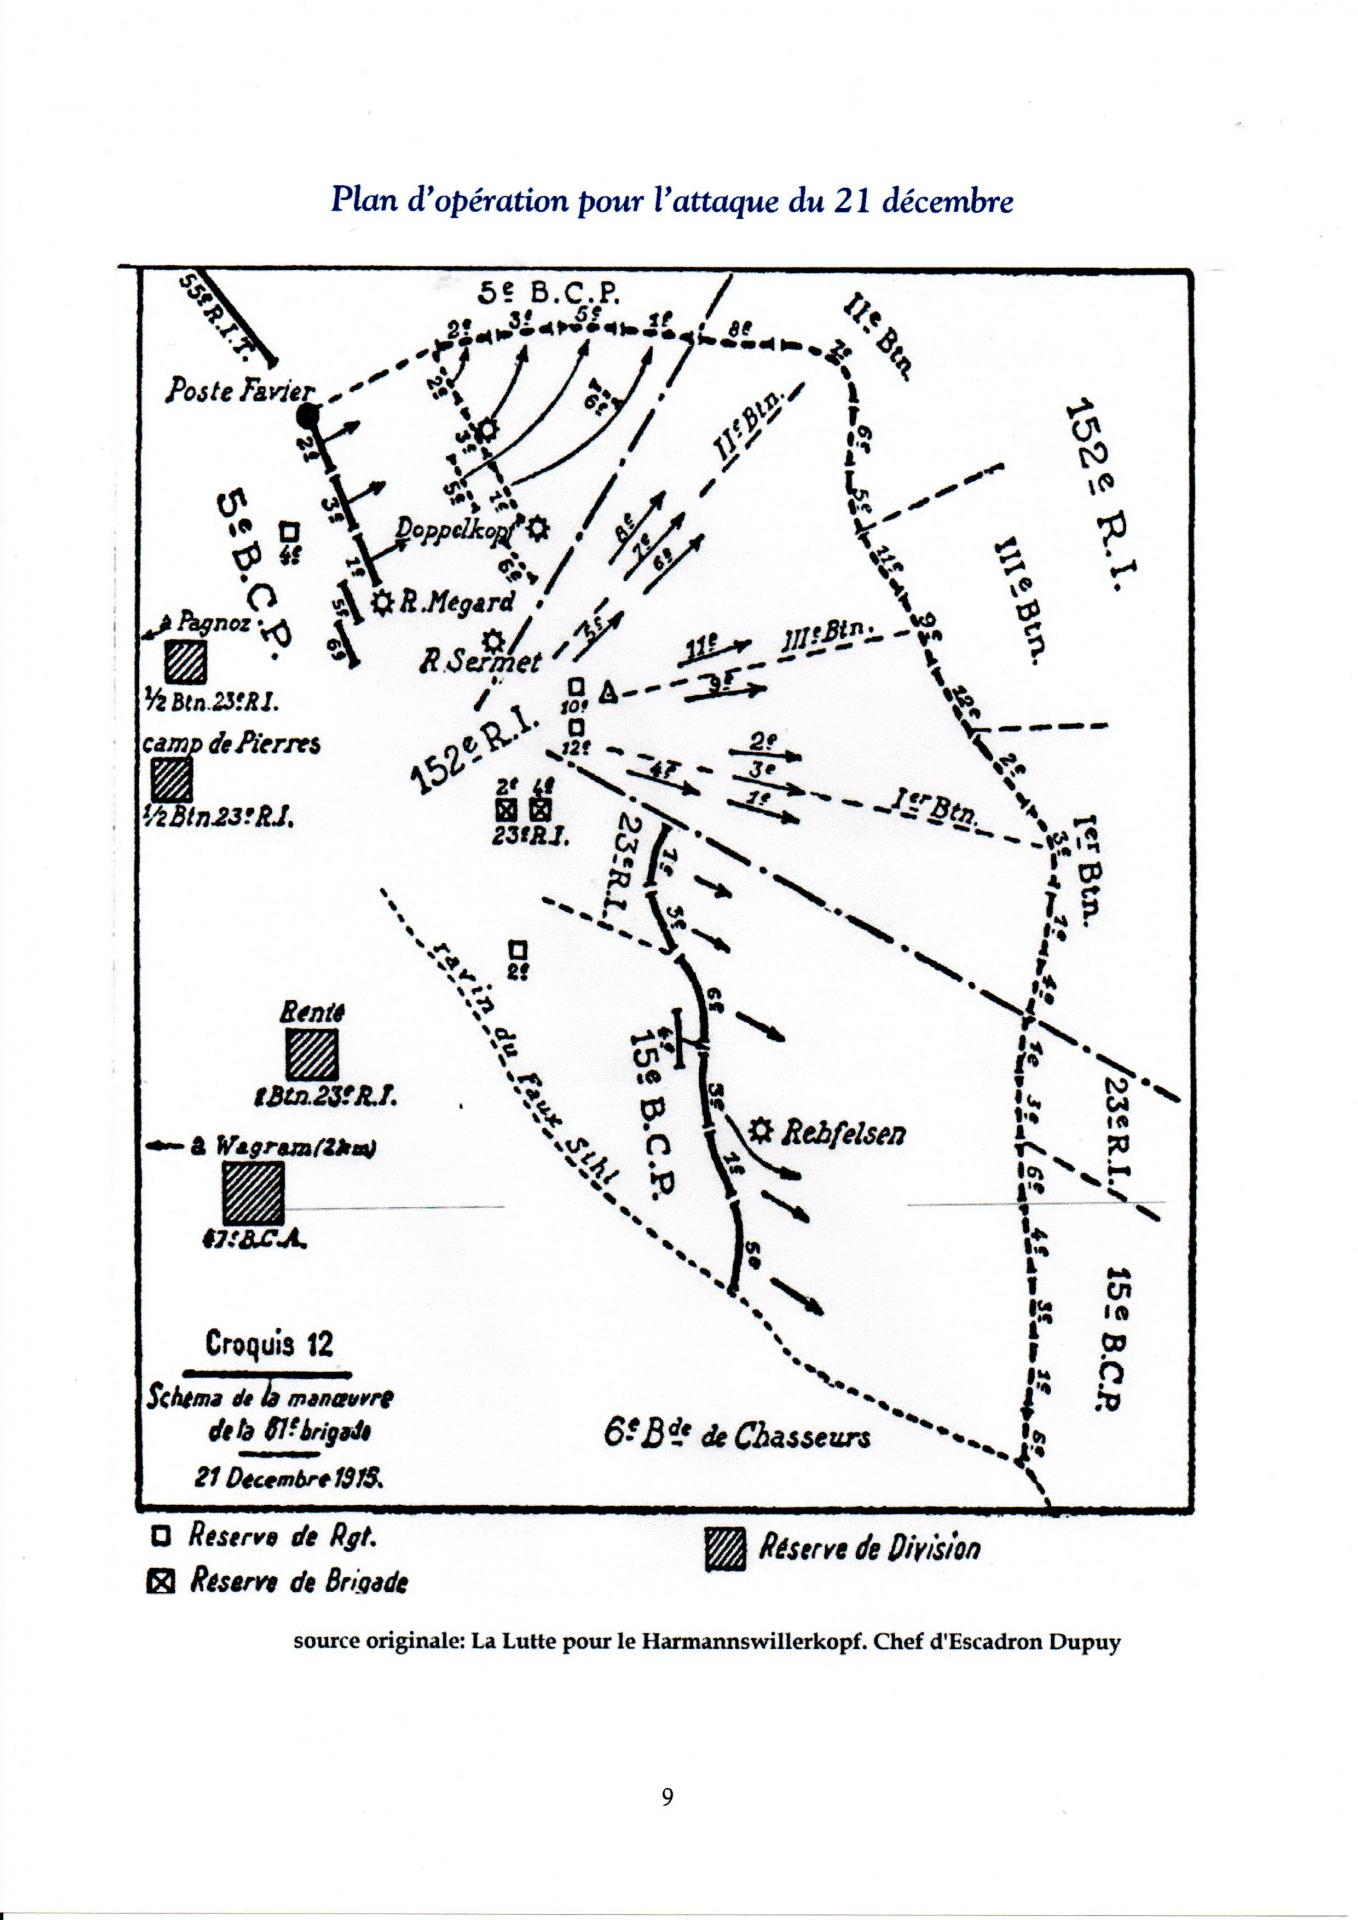 Plan d'opération pour l'attaque du 21 Décembre 1915 Hartmannswillerkopf